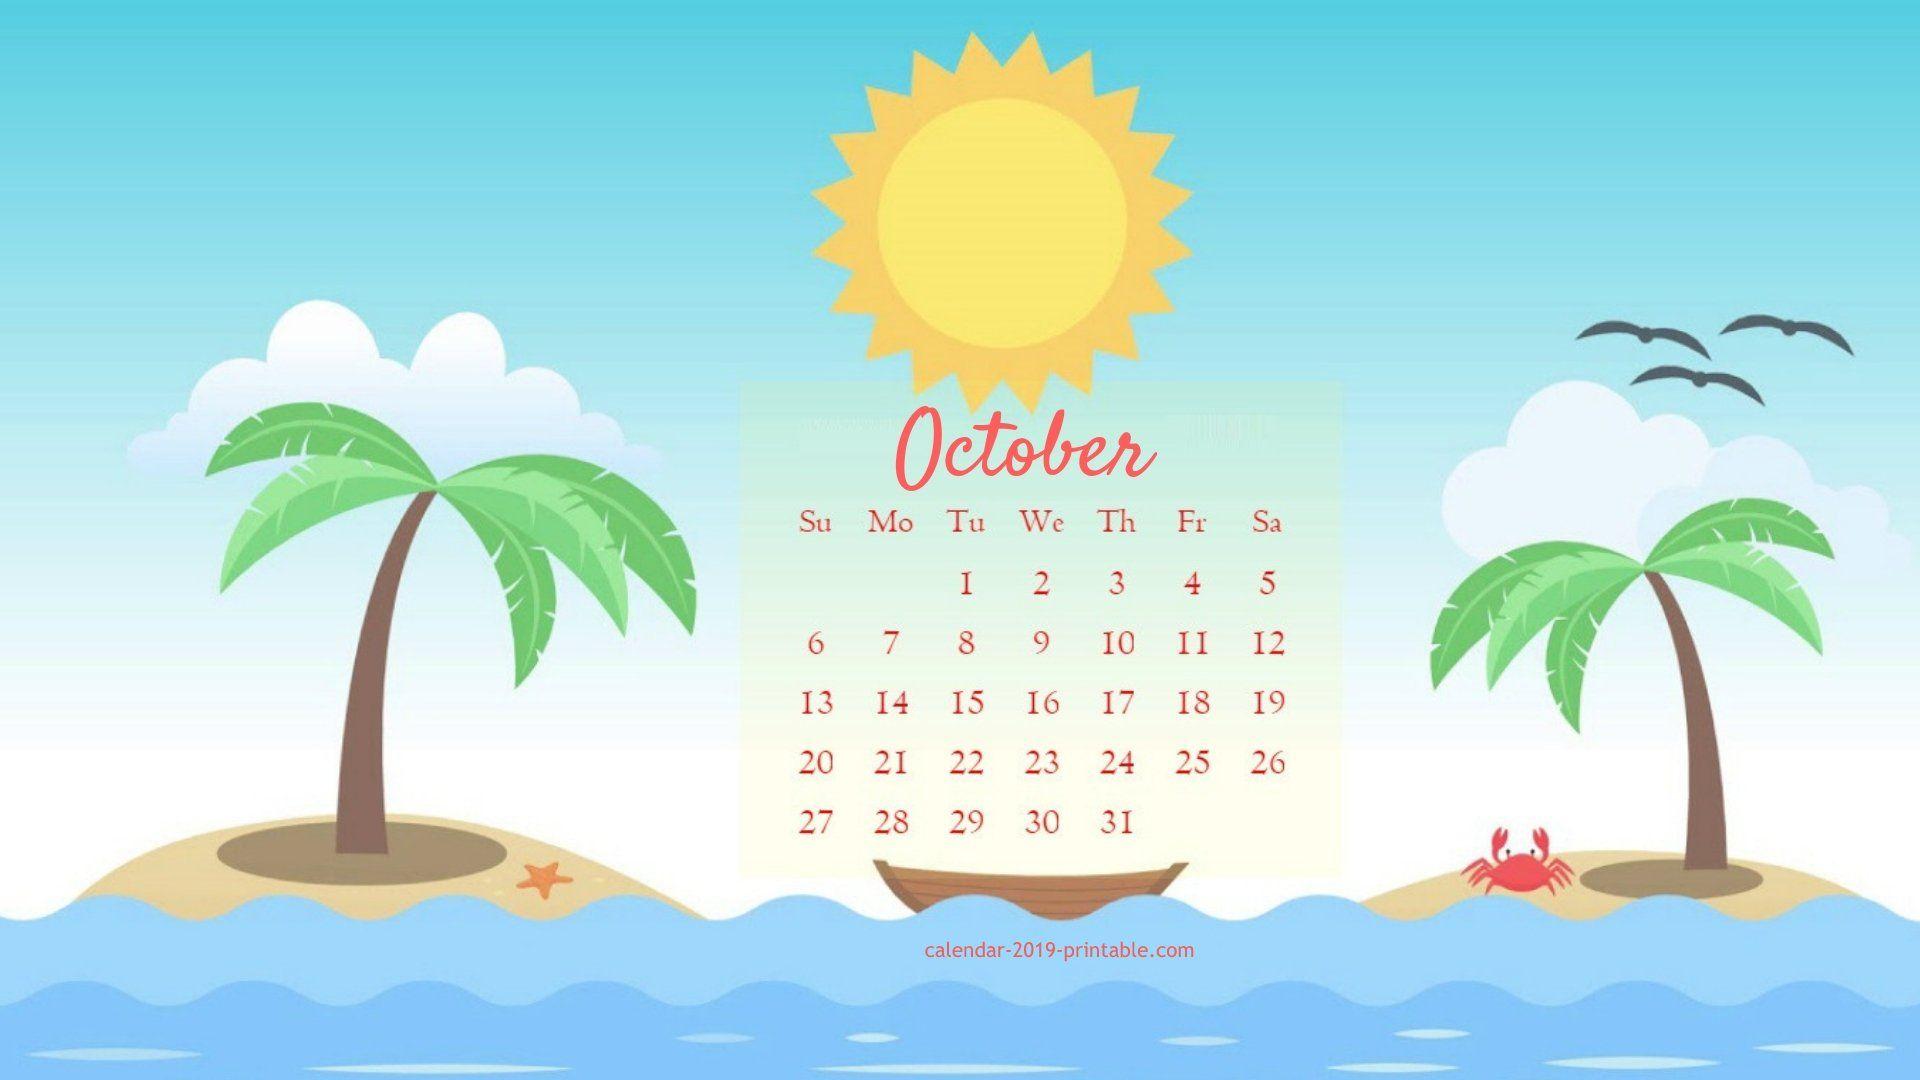 october 2019 cute calendar wallpaper Calendar 2019 Wallpapers 1920x1080